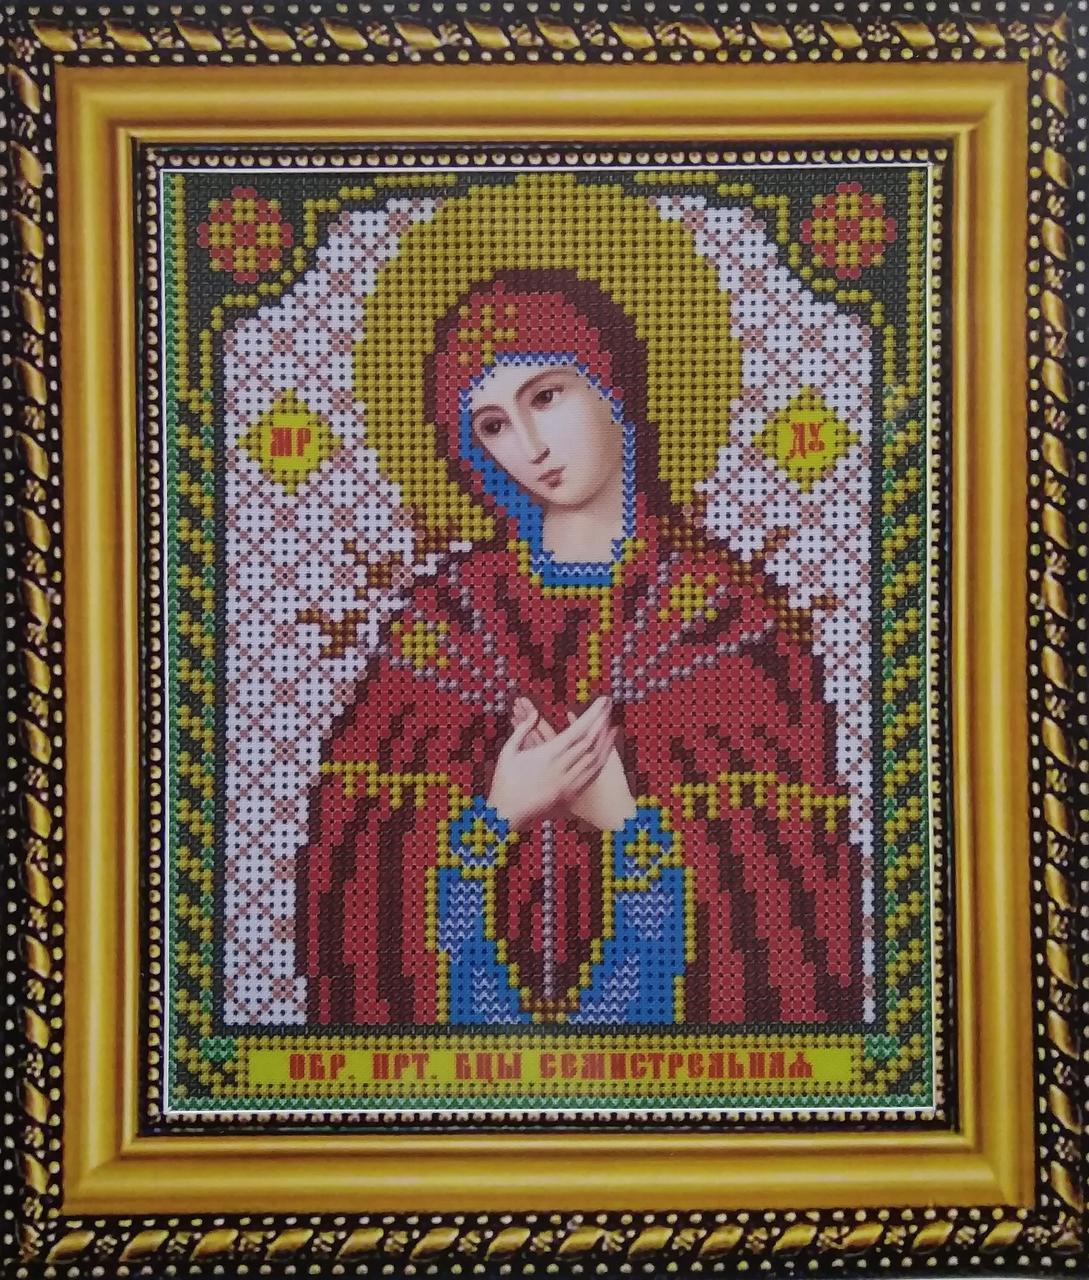 Набор для вышивки бисером ArtWork икона Пресвятая Богородица Семистрельная VIA 5004